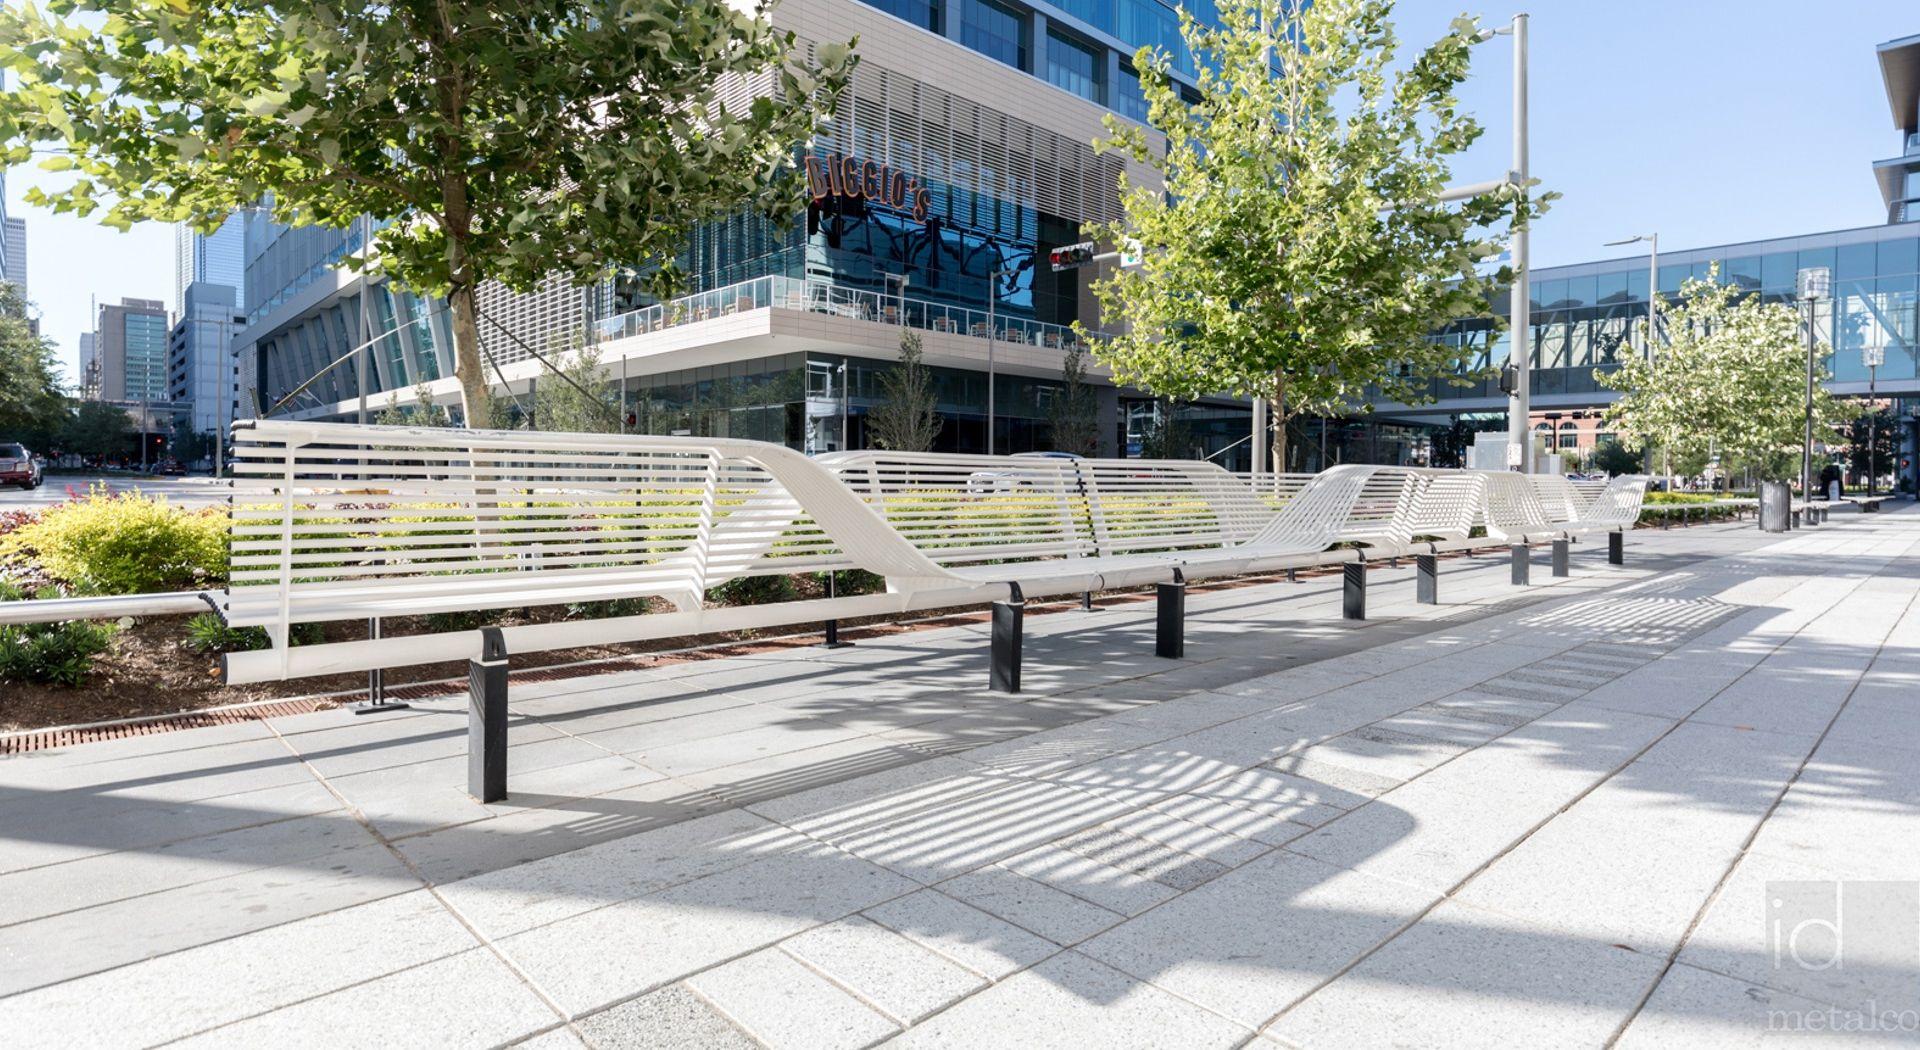 LIBRE EVOLUTION TORSION banc urbain design, banc double avec assis-debout